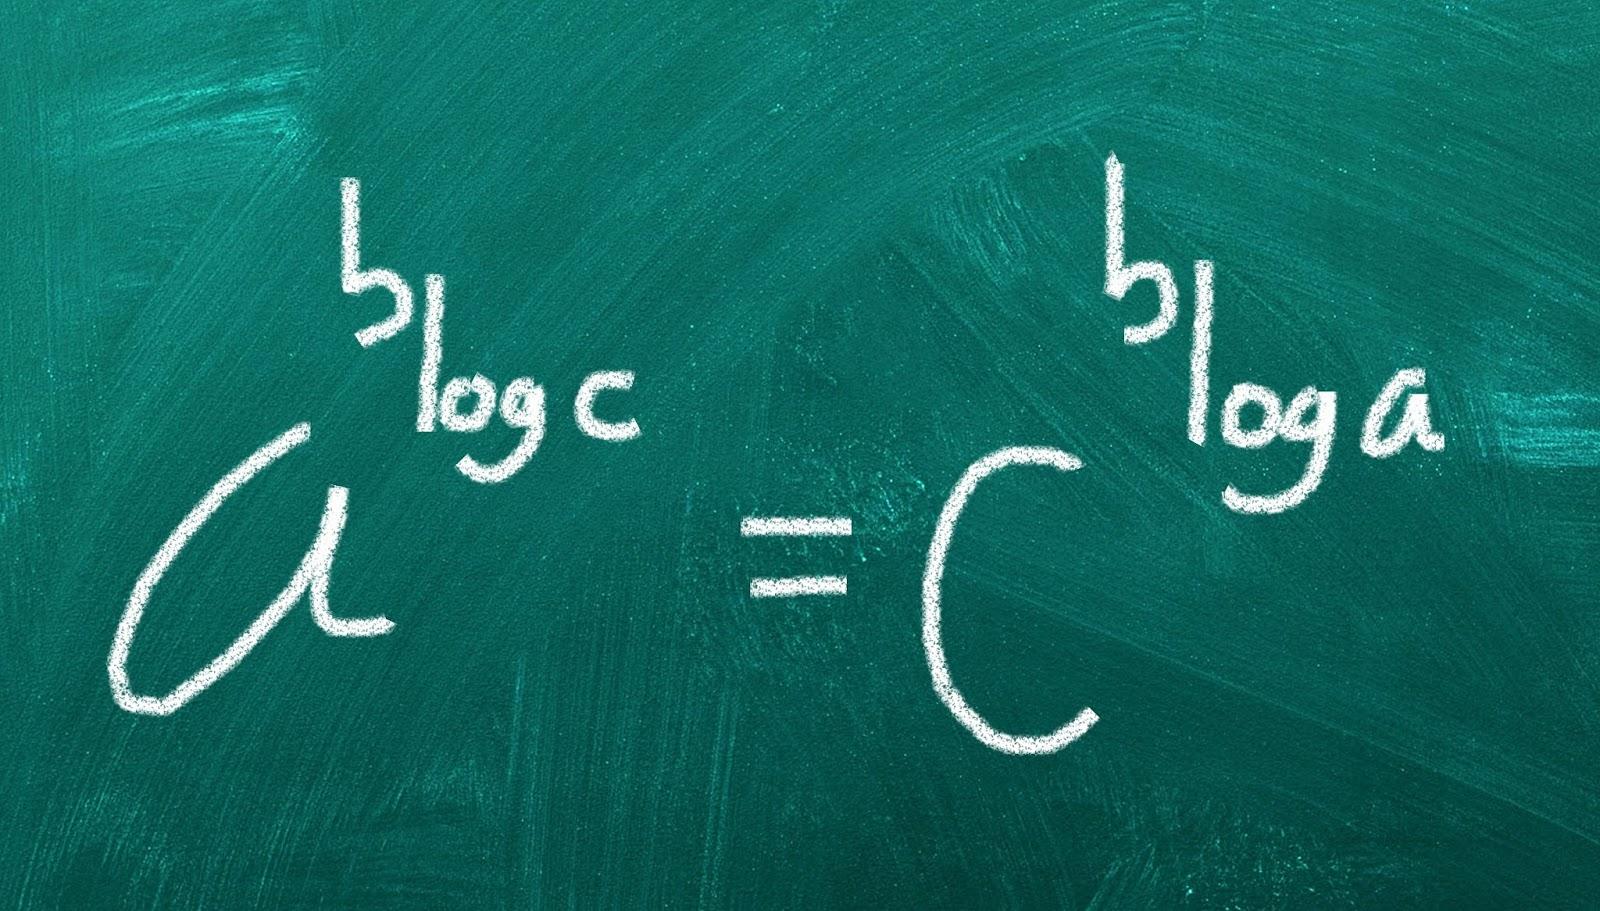 Penelitian ini bertujuan untuk menganalisis kesalahan siswa sma kelas x. Matematika Dasar Sma Sifat Logaritma Ini Sangat Istimewa Defantri Com